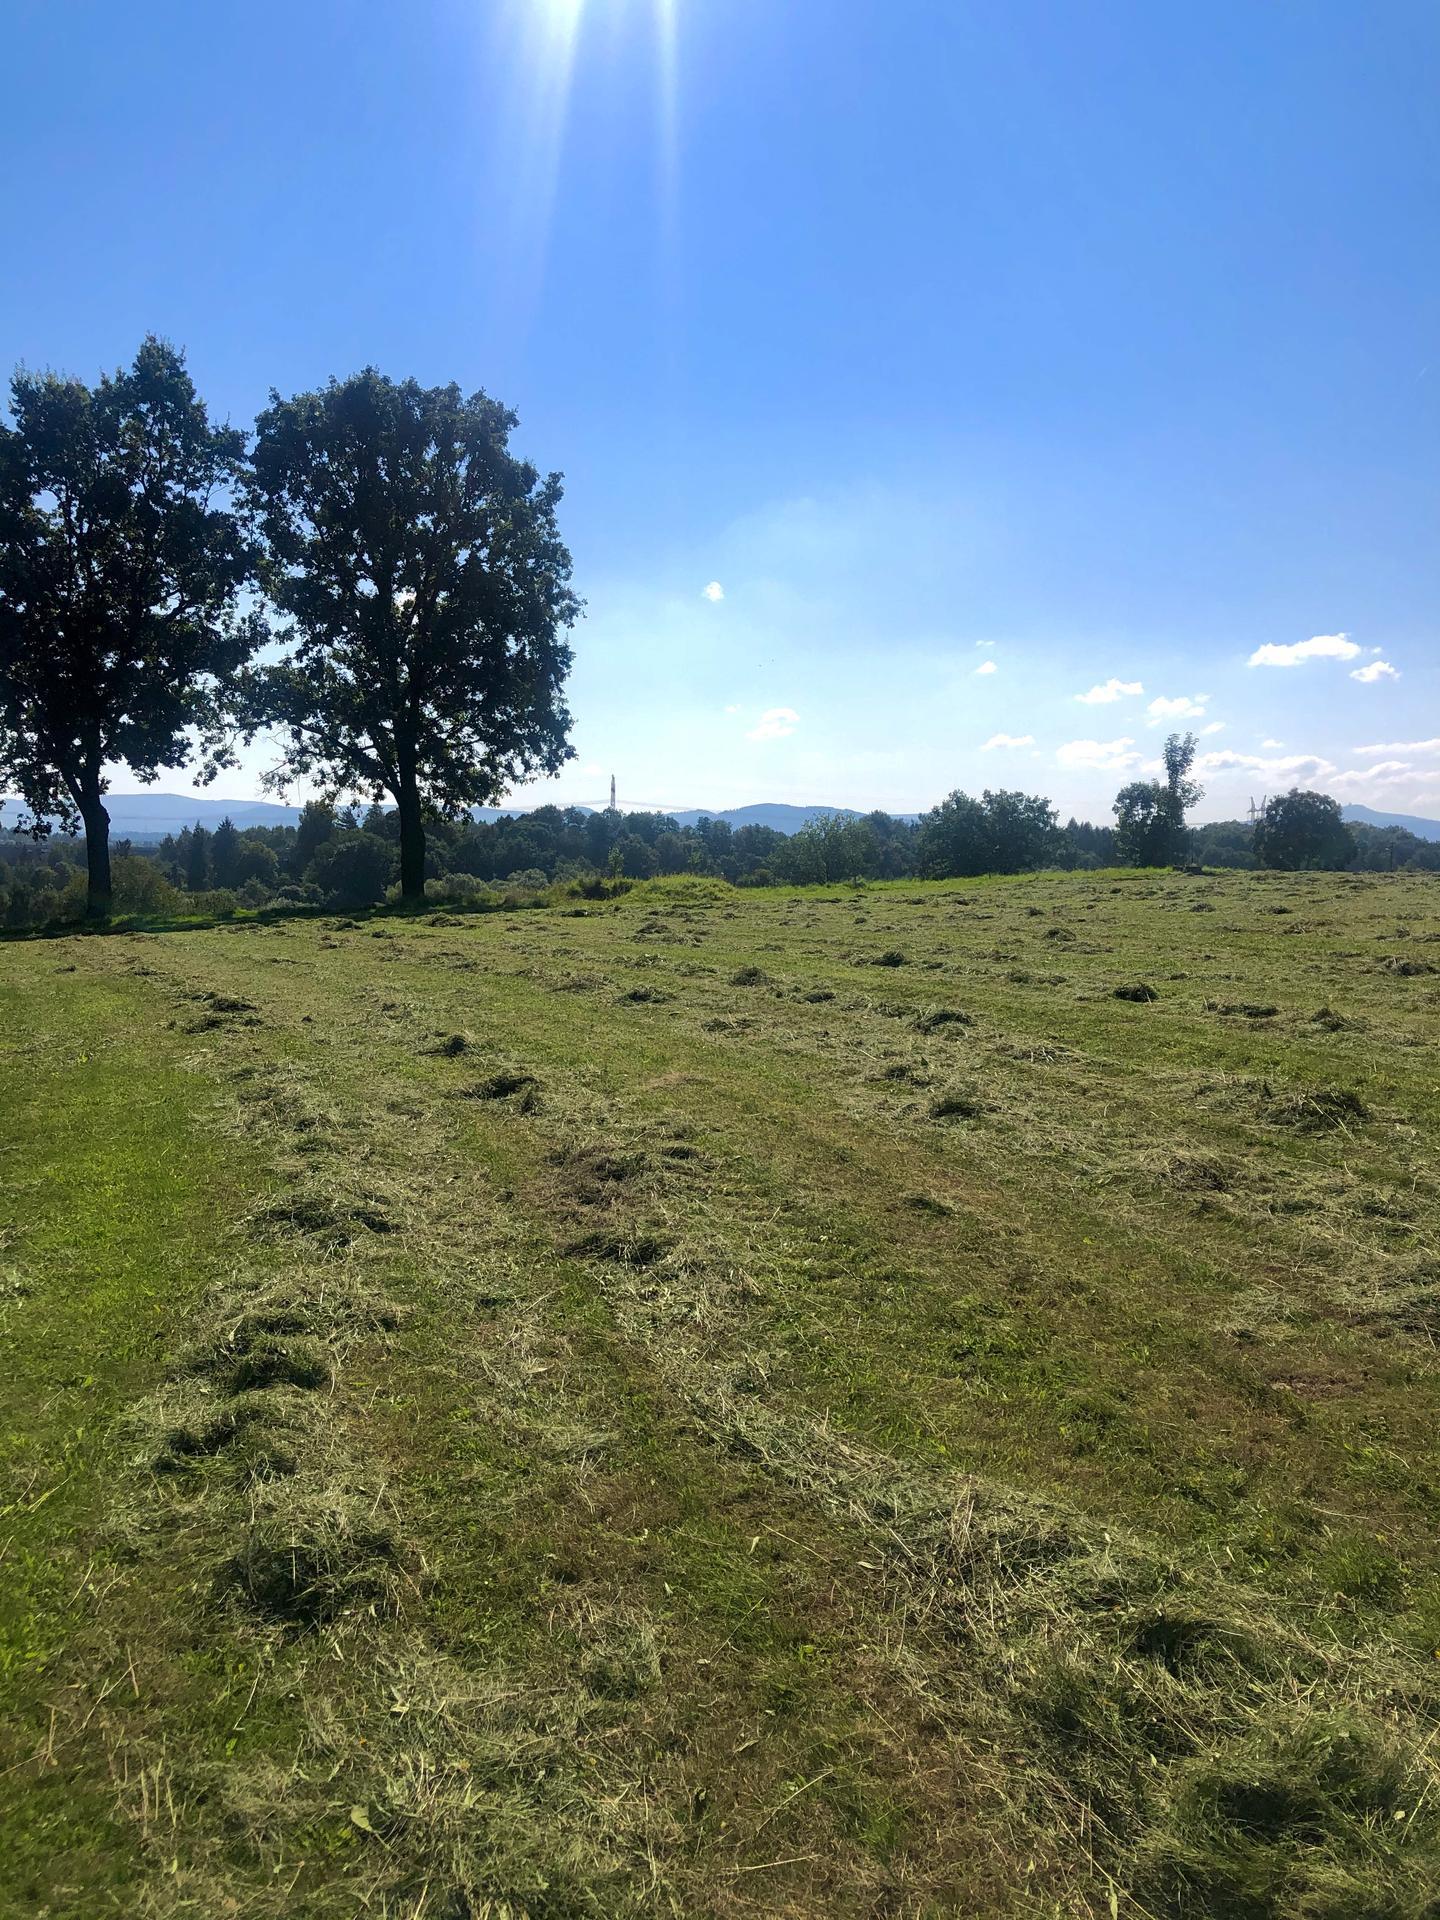 Náš pozemek s výhledem na Beskydy - Záři 2021, na jaře 2022 už pomalinku začneme. 🥳